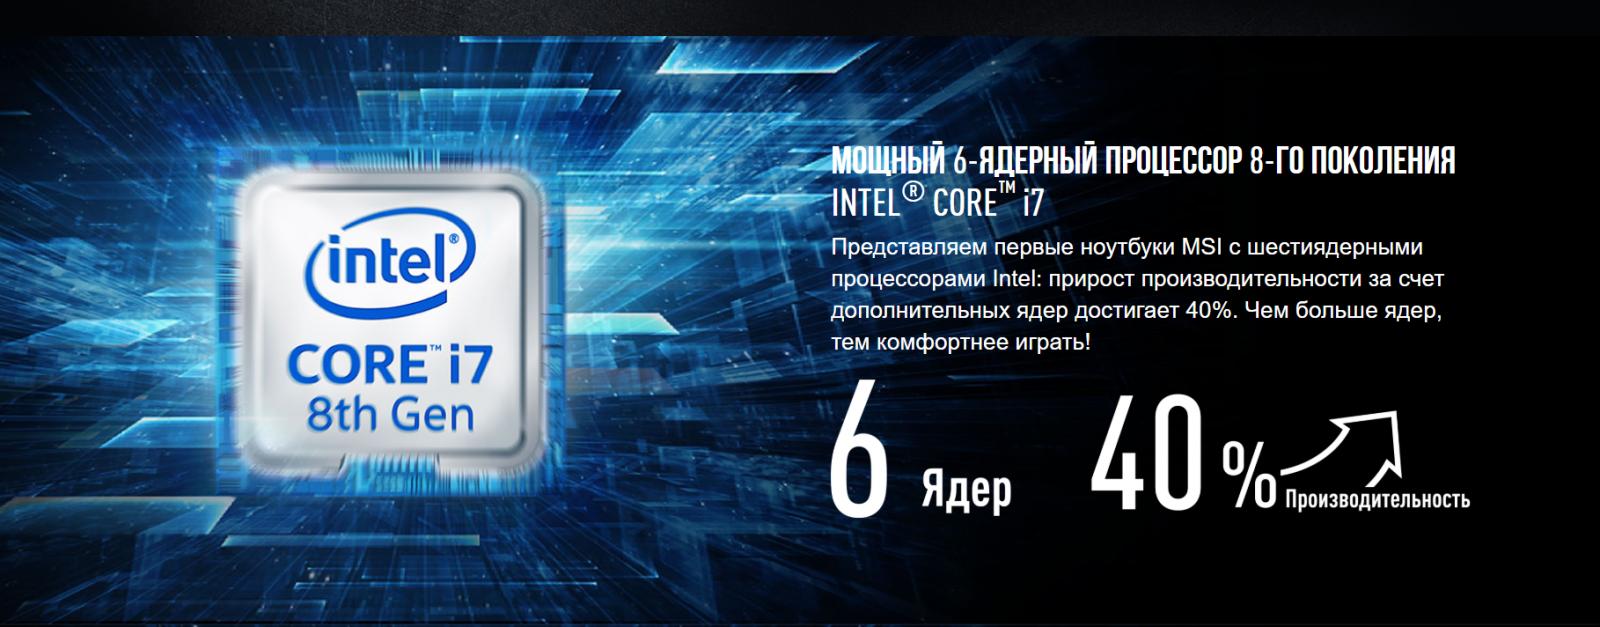 купить ноутбук с более производительным процессором в магазине MSI GS65 STEALTH THIN